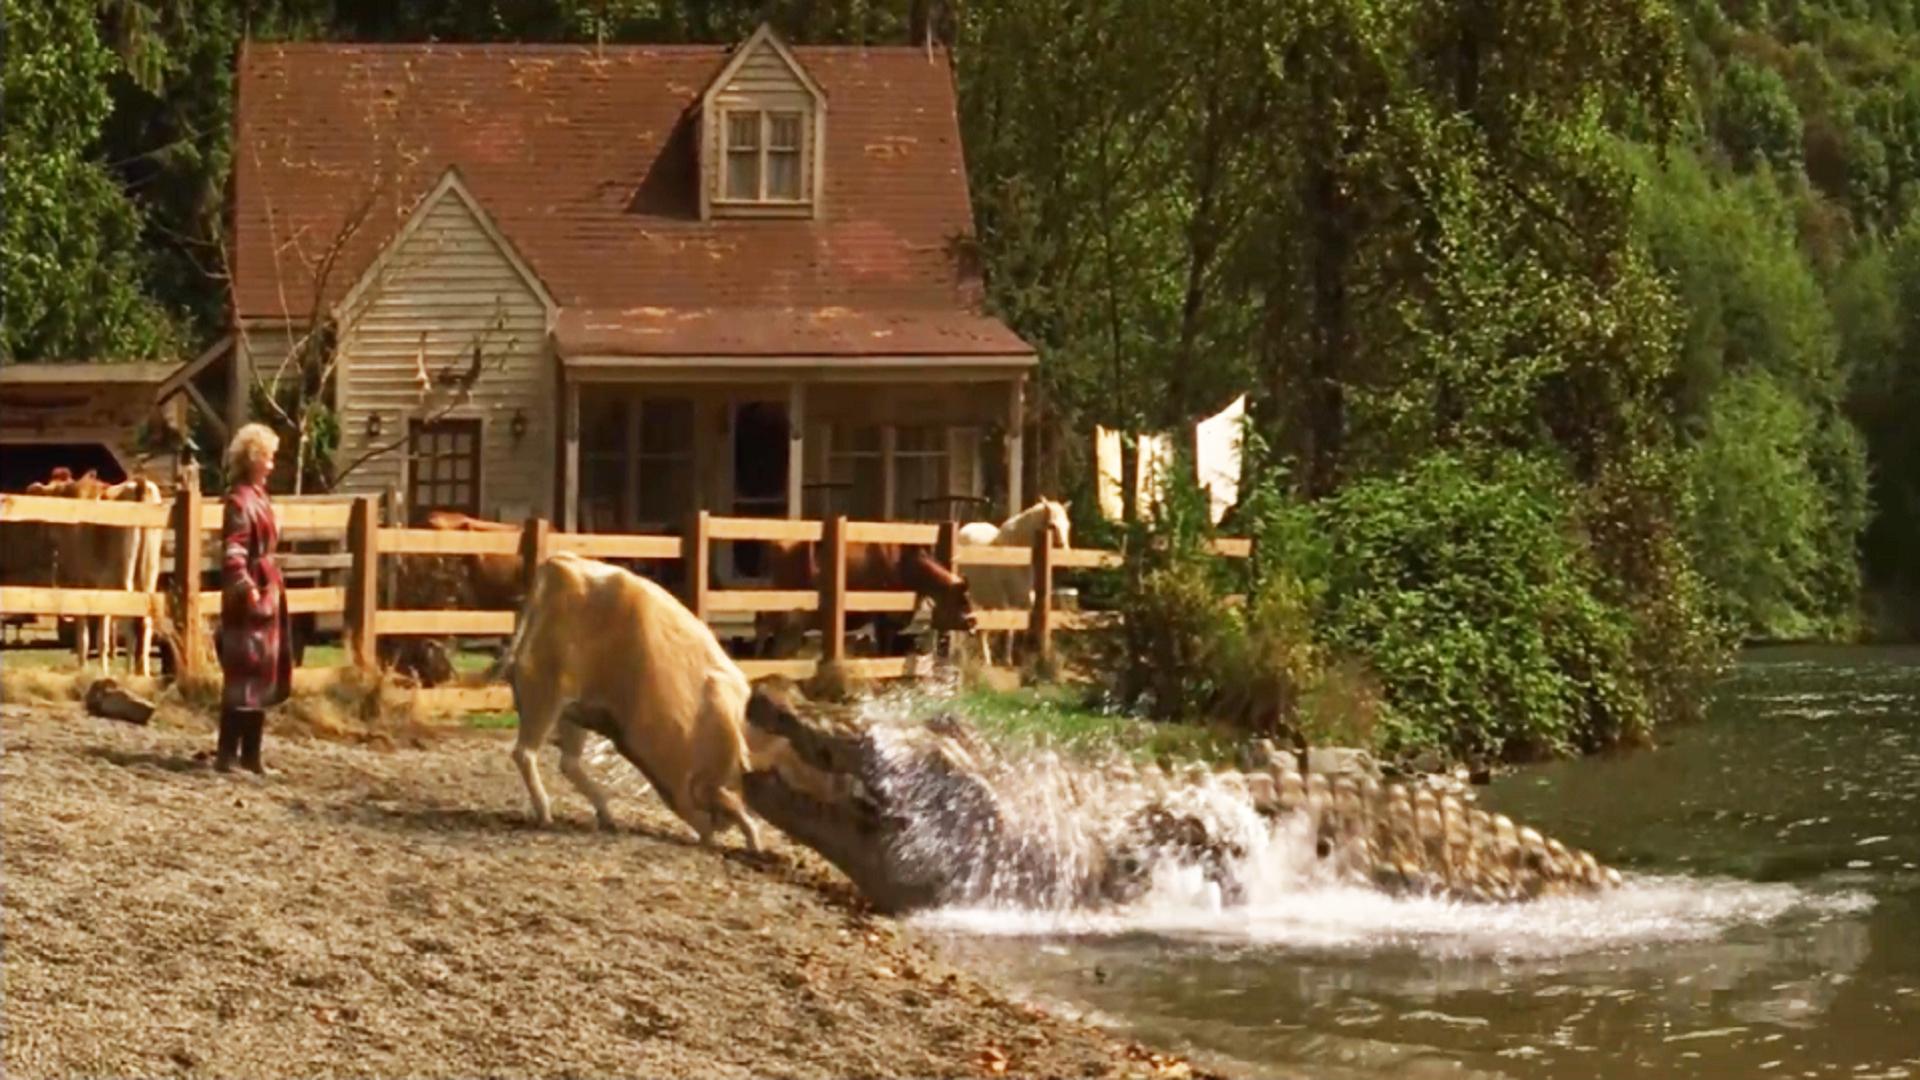 老太太养巨鳄当宠物,一顿喂它一头牛,甚至丈夫也成了饲料